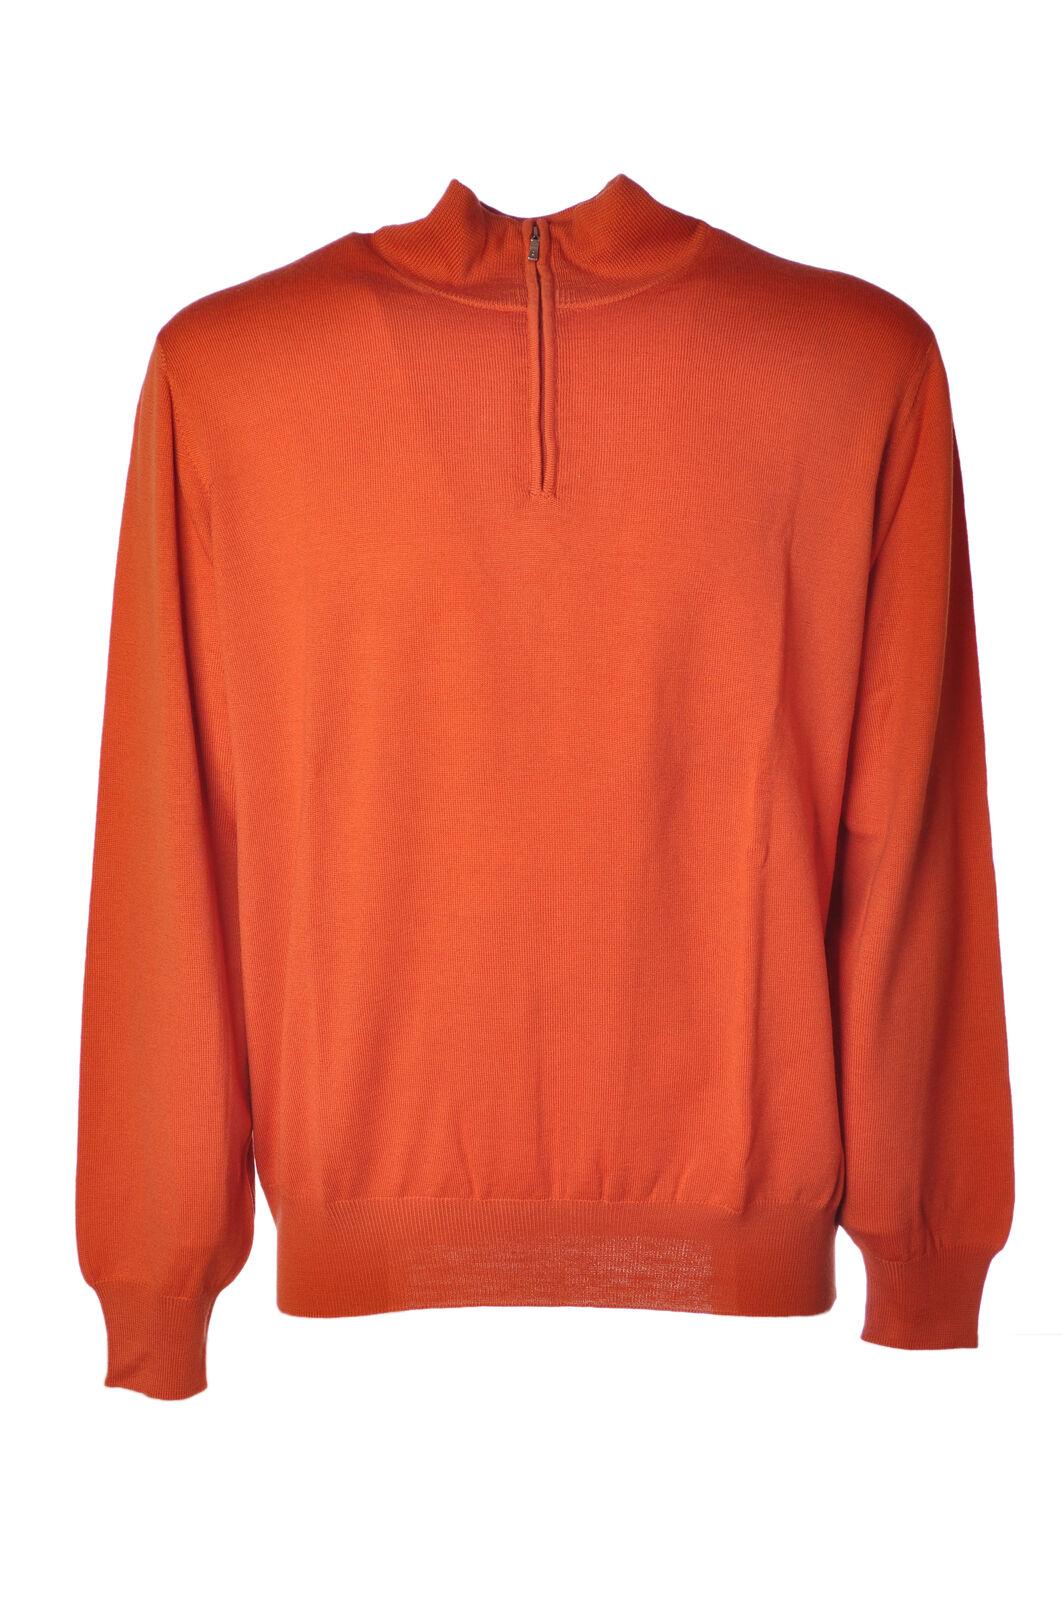 Alpha - Knitwear-Sweaters - Man - Orange - 4569413L184418